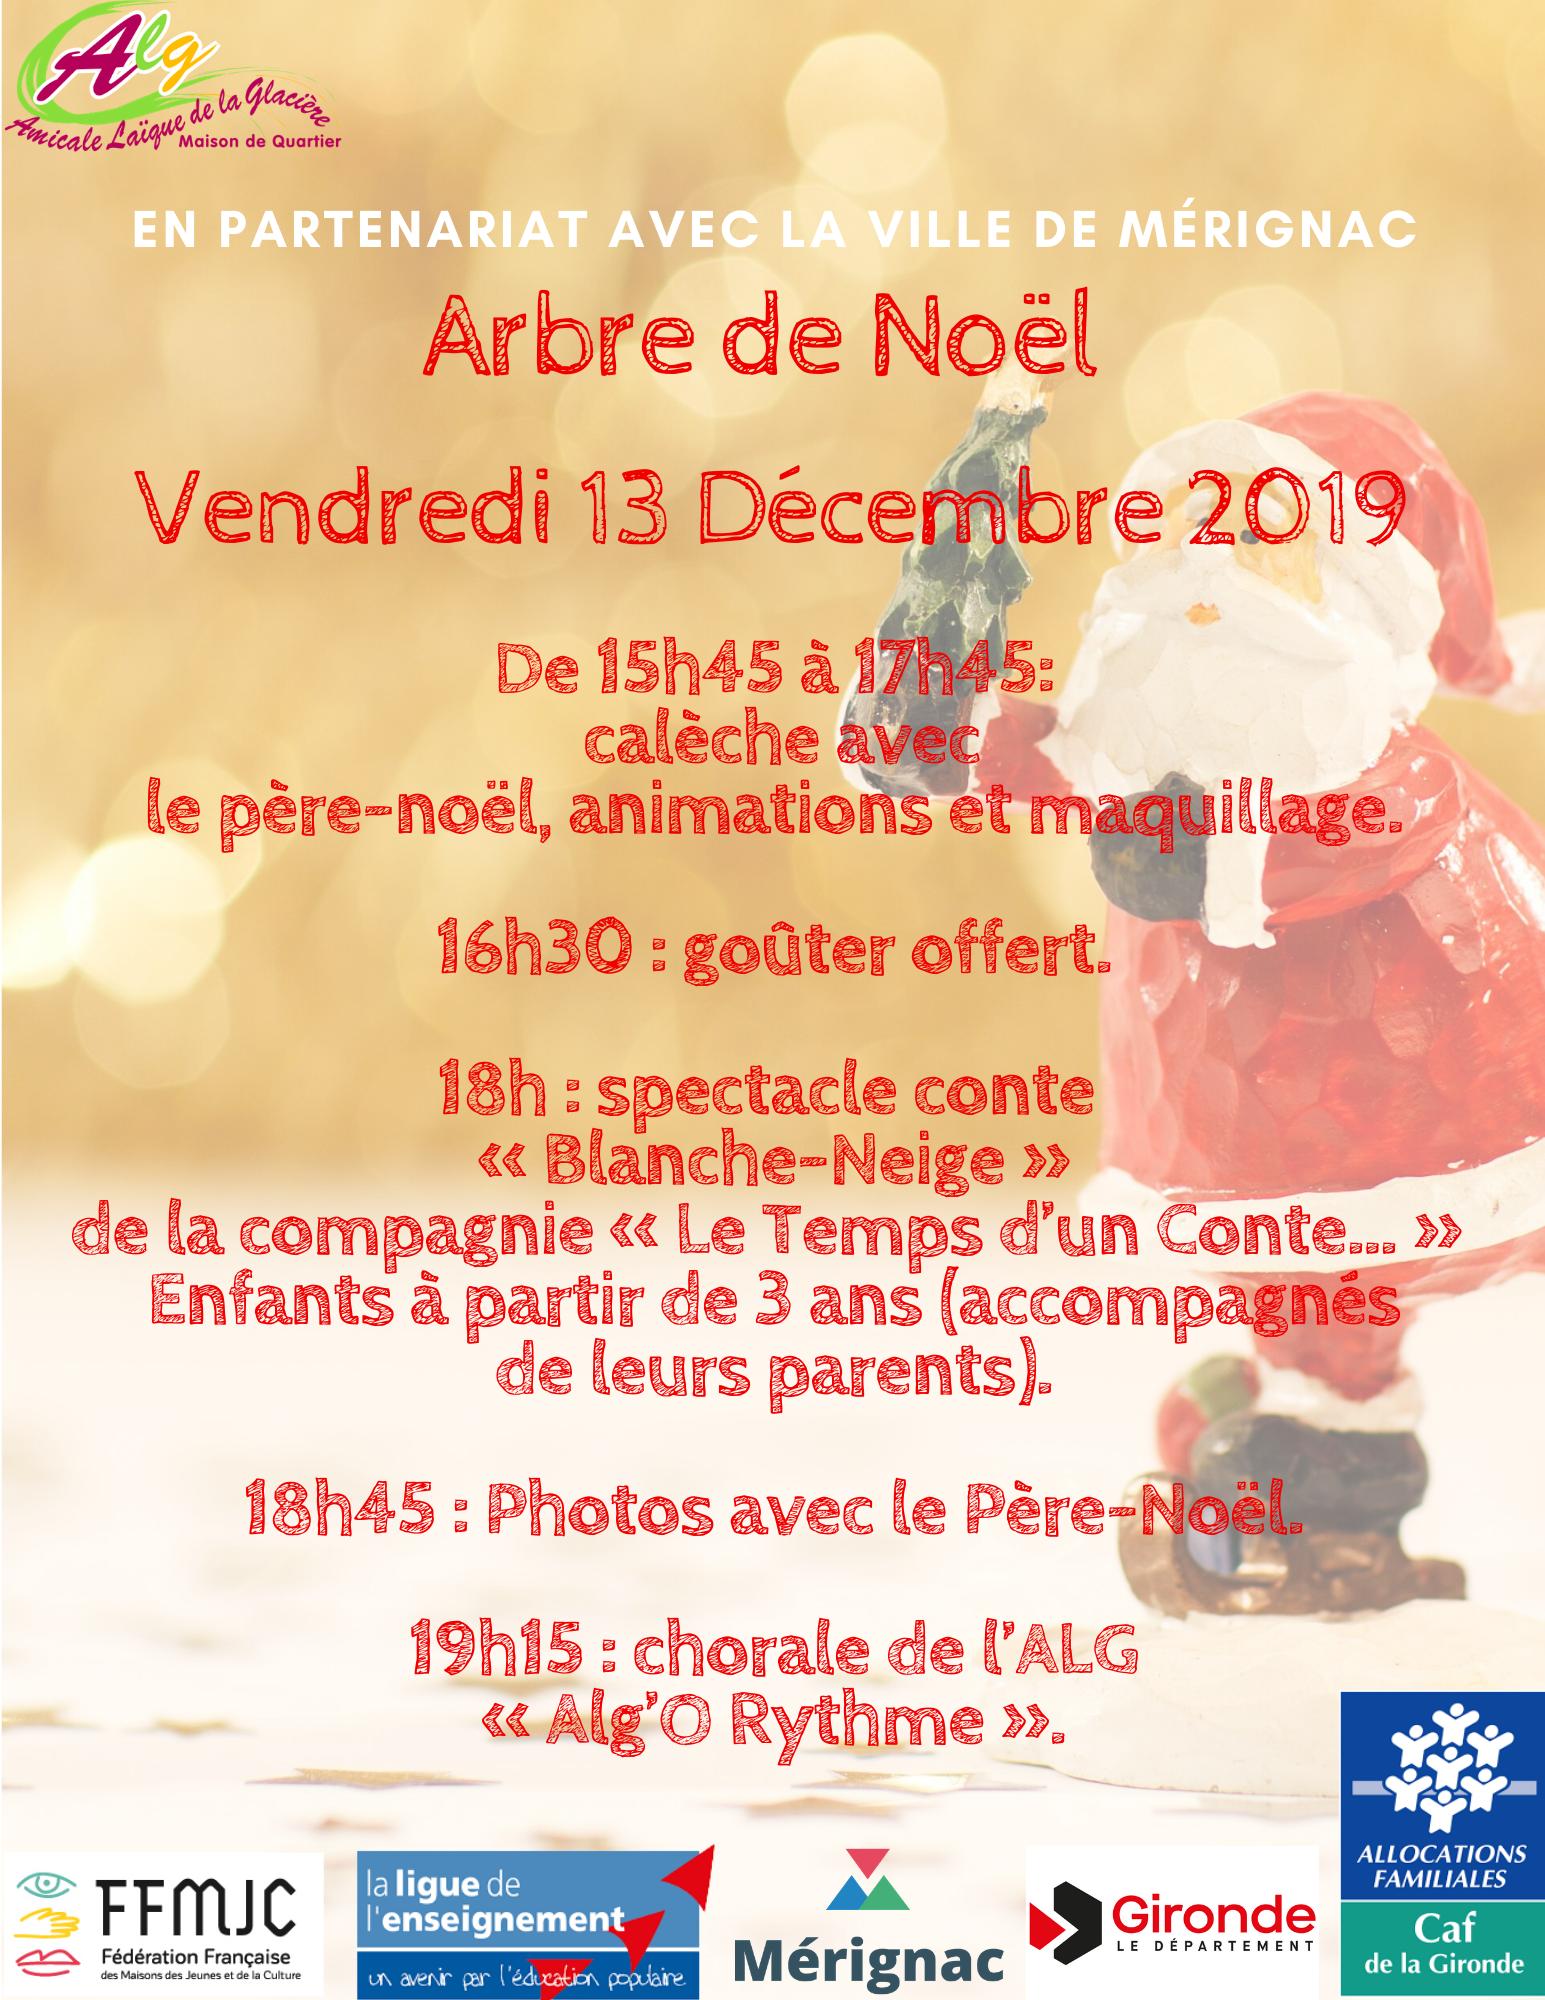 Arbre de Noël de l'ALG.